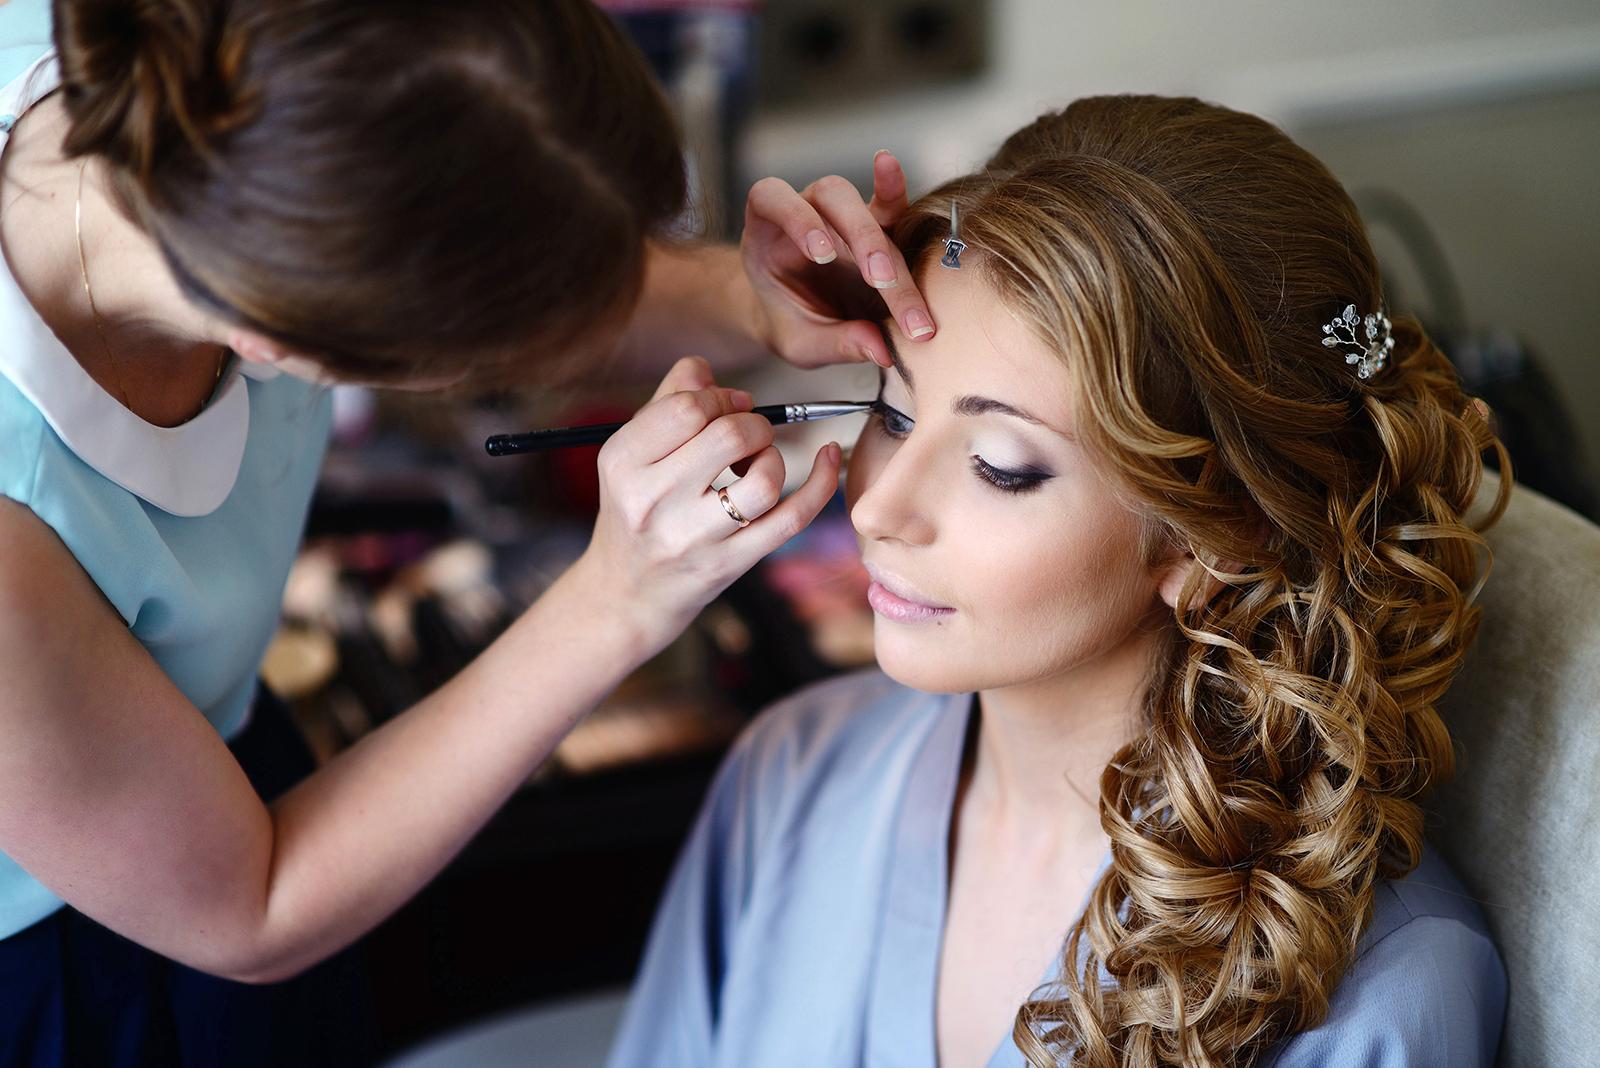 美容部員に年齢制限はある?転職時に知りたい化粧品業界の採用事情/Photo by Galina Tcivina